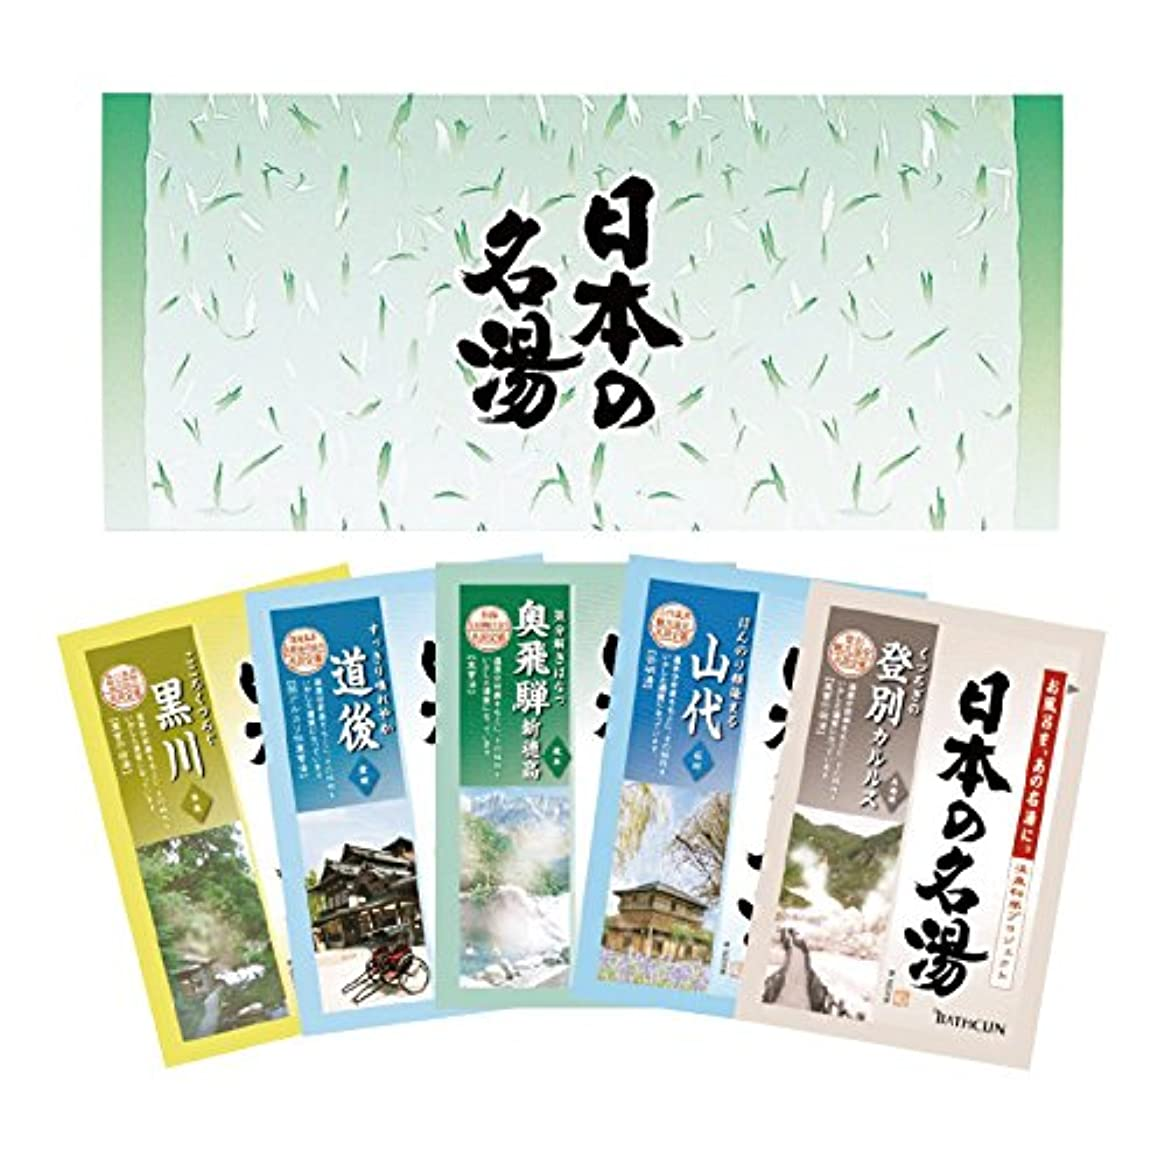 ダイバー組シェード日本の名湯 入浴剤 5包入